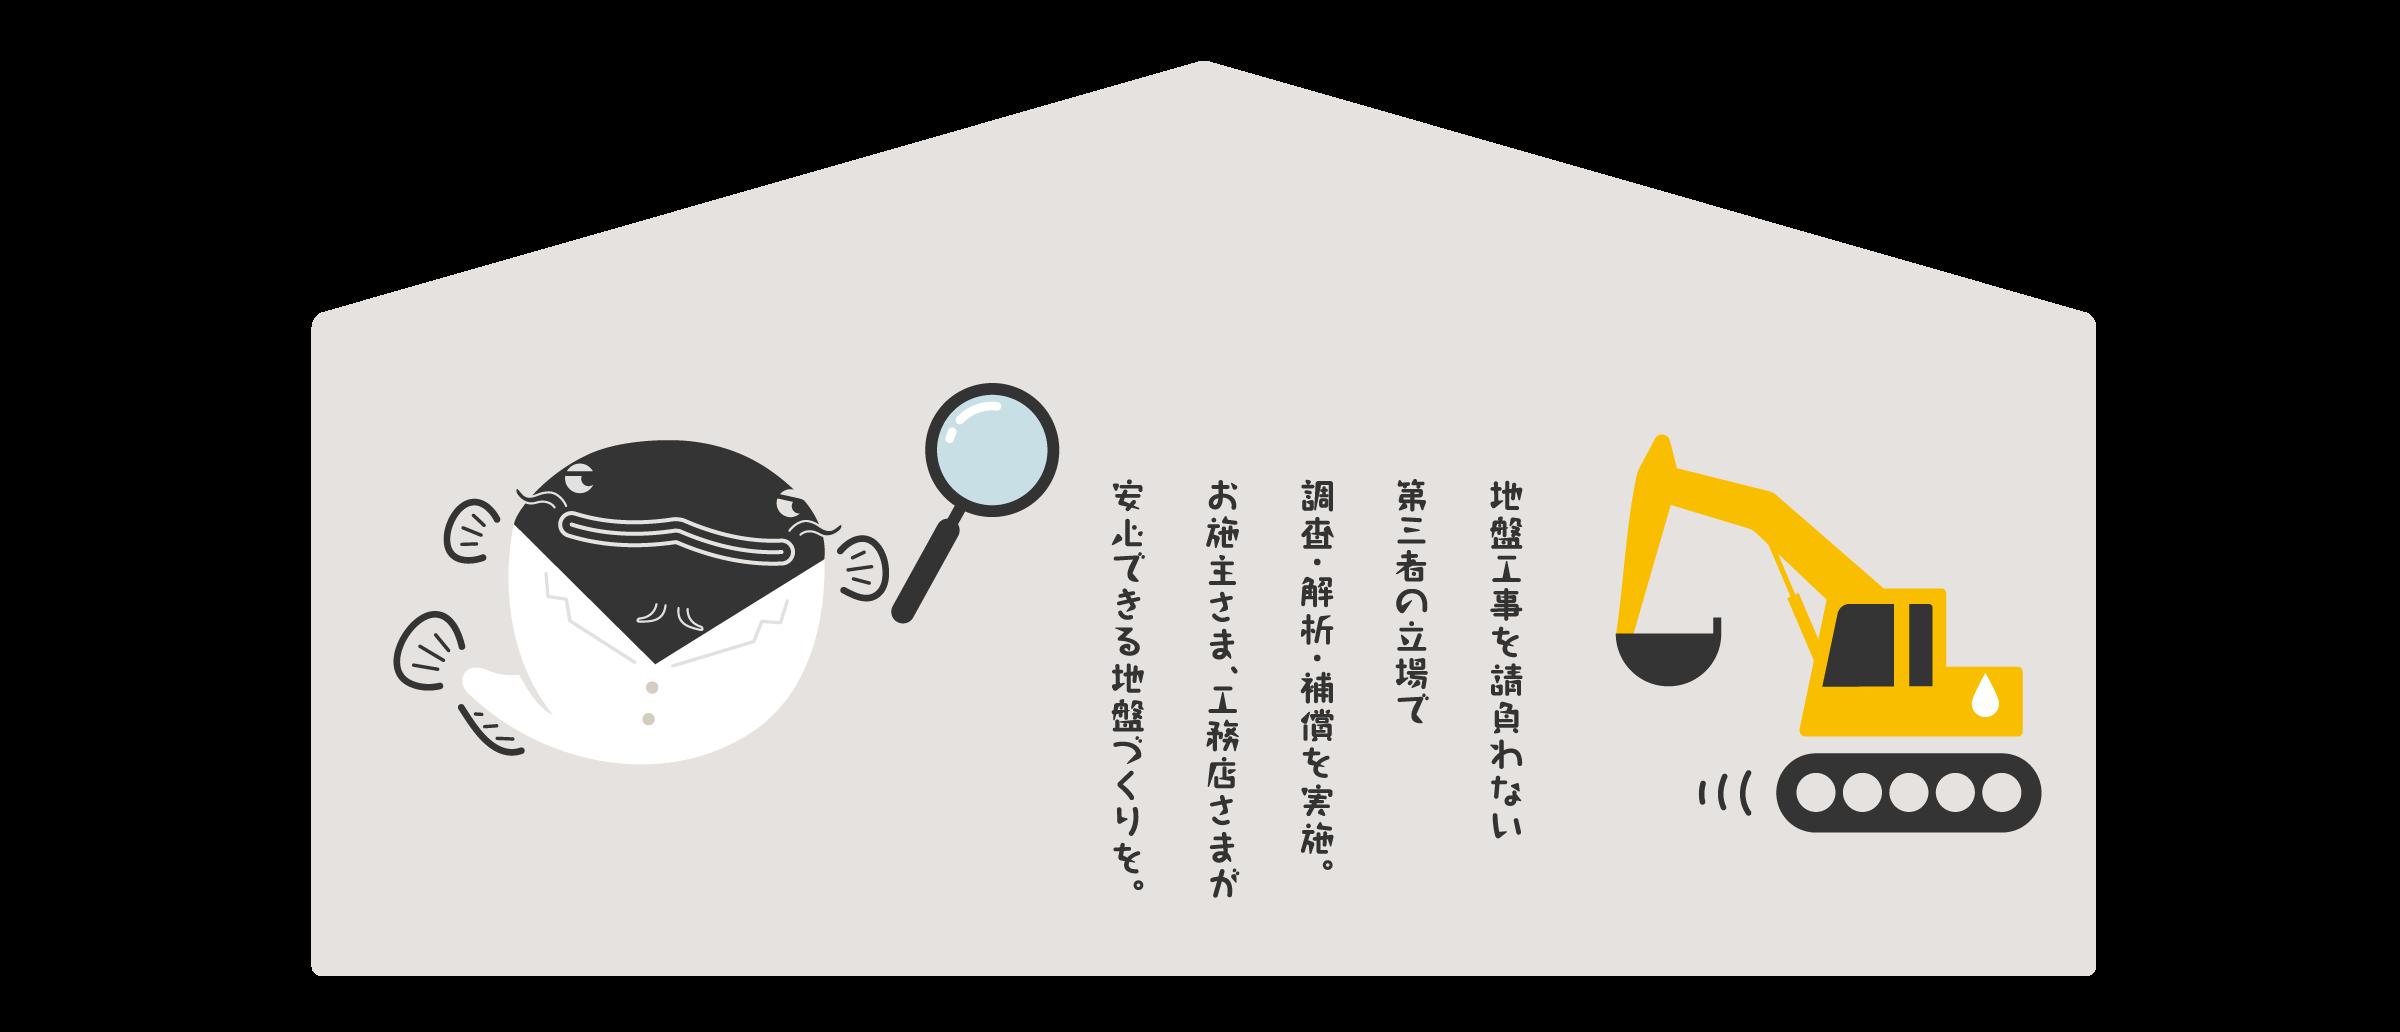 地盤ネット福山 キービジュアル2